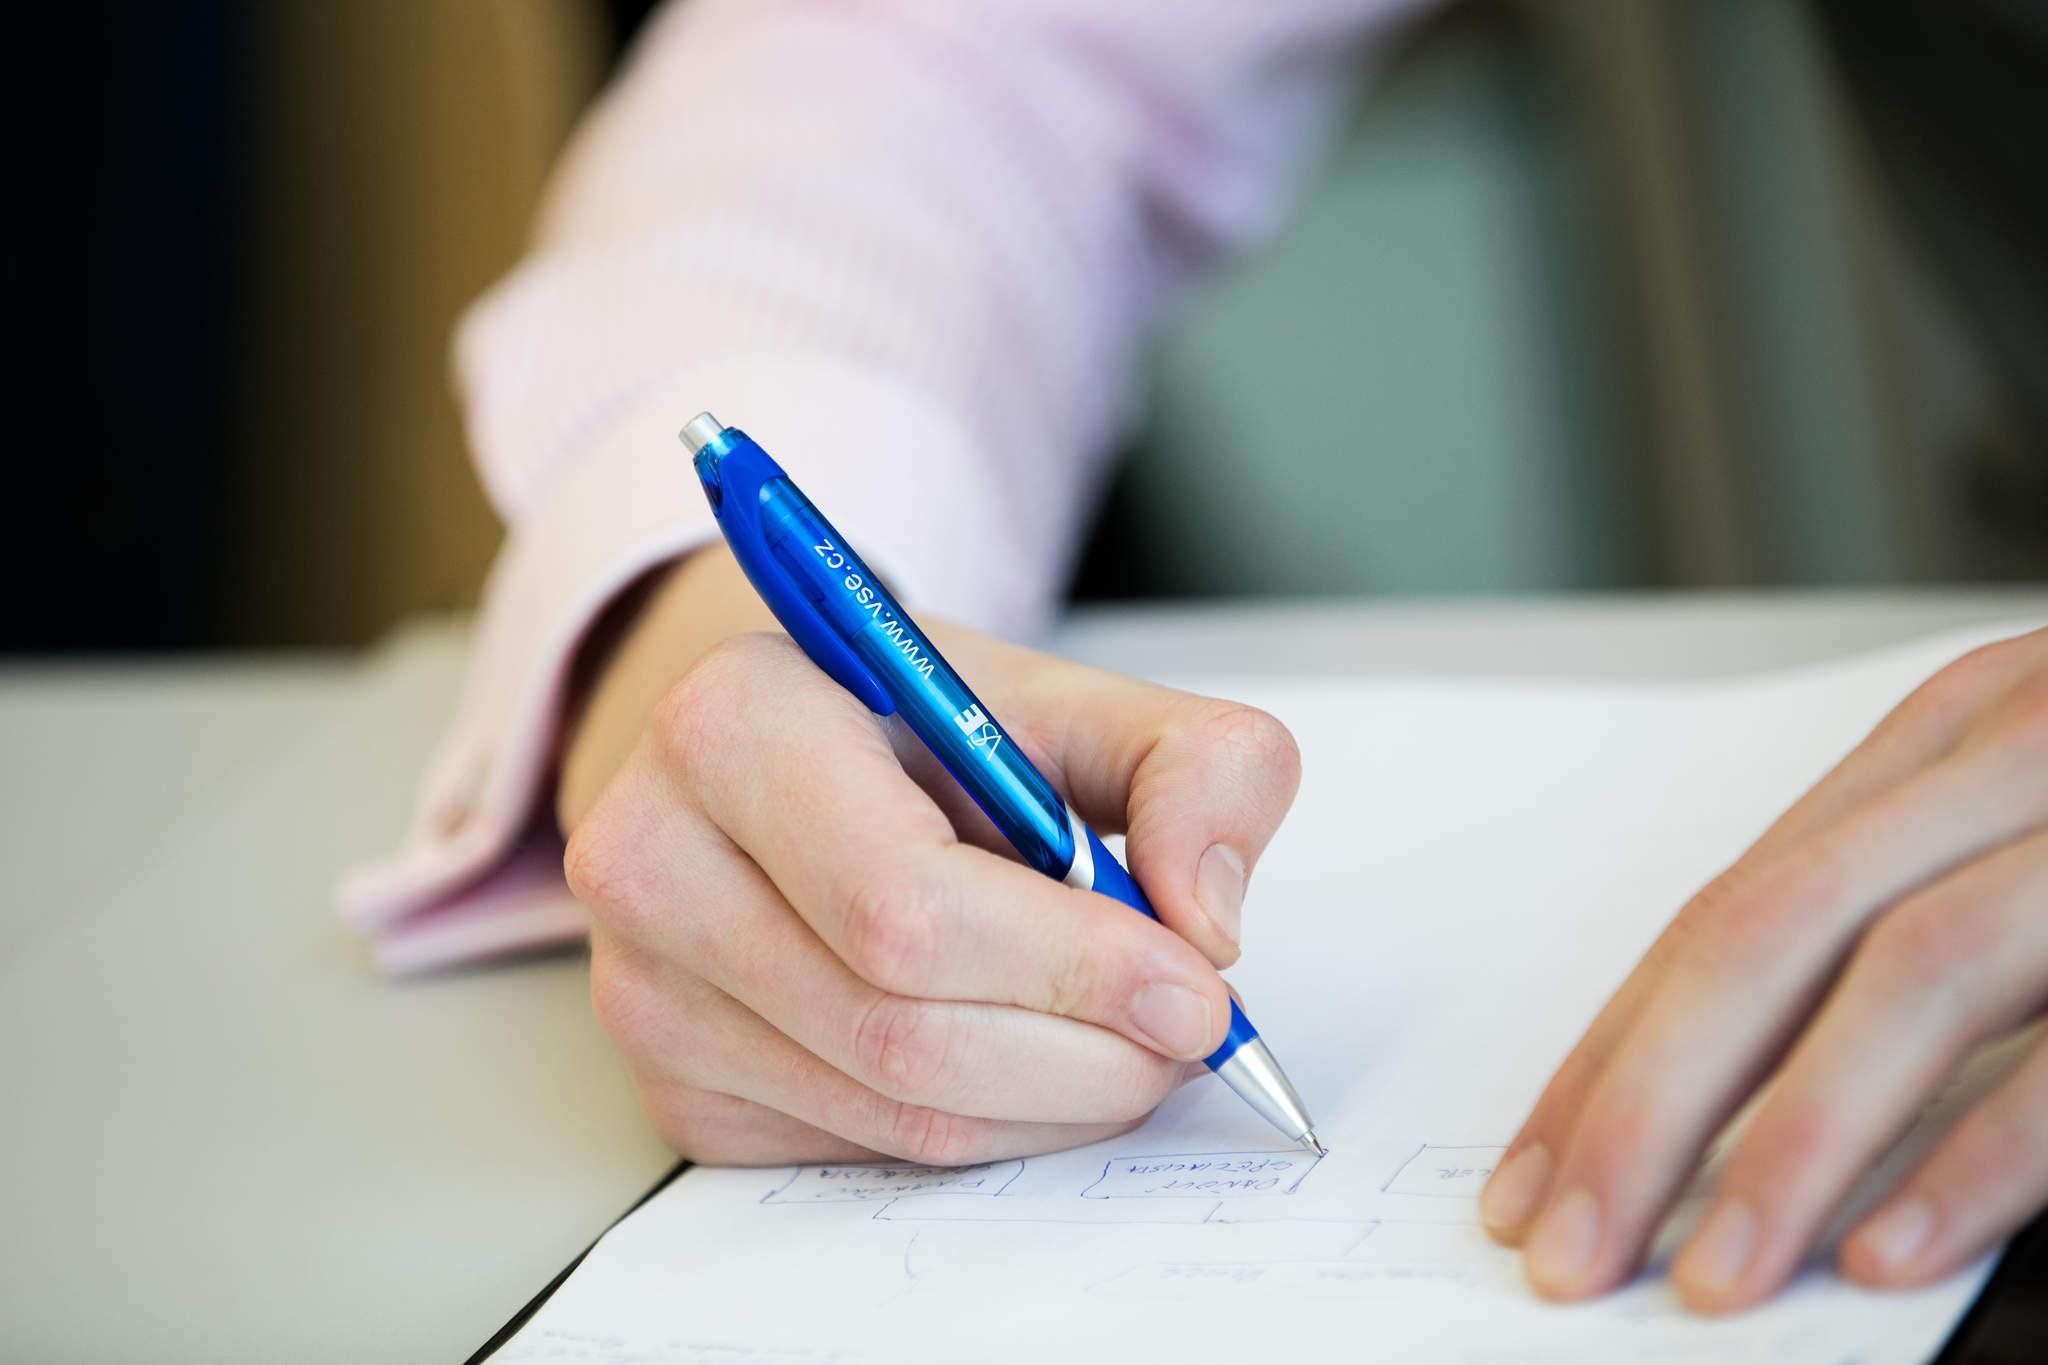 Magisterský kurz vněmeckém jazyce – Základní pojmy voblasti zdanění a účetnictví jednotlivců a firem